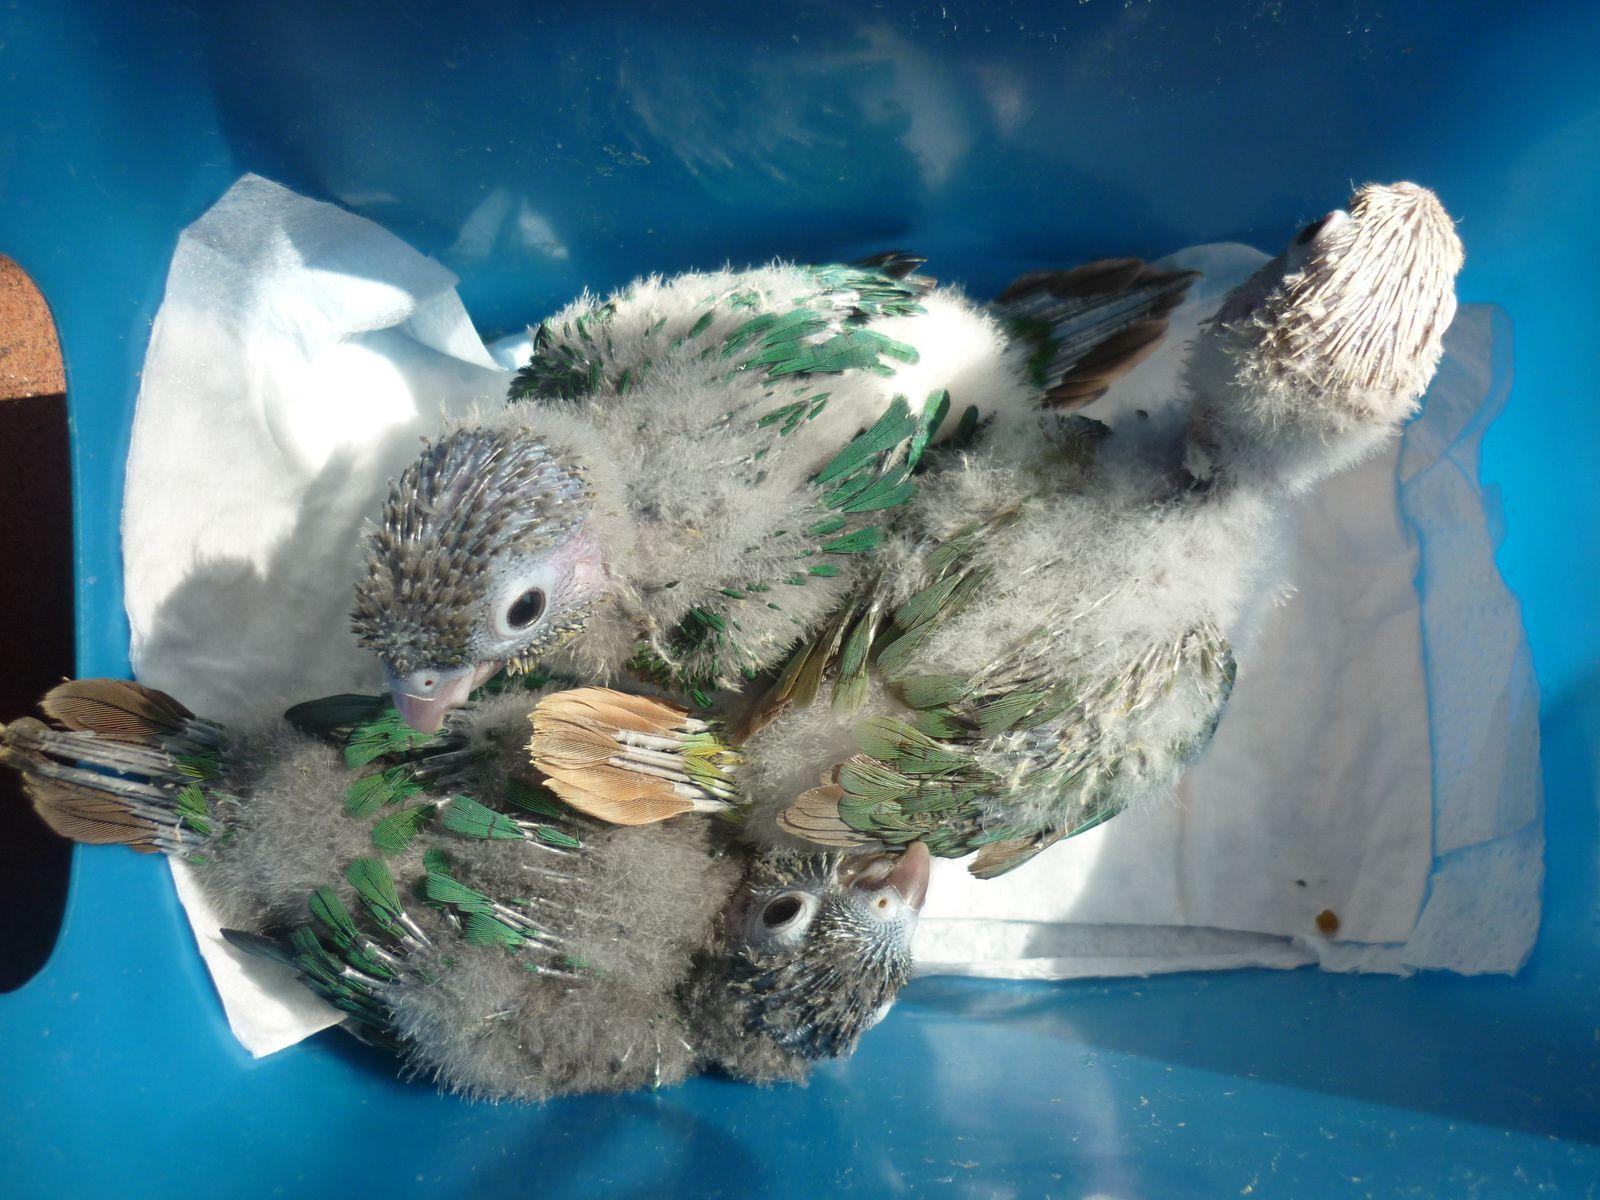 Les premiers BB ont maintenant un mois, on voit clairement une femelle turquoise, un mâle turquoise opaline et une femelle turquoise opaline cinnamon (ananas bleue)